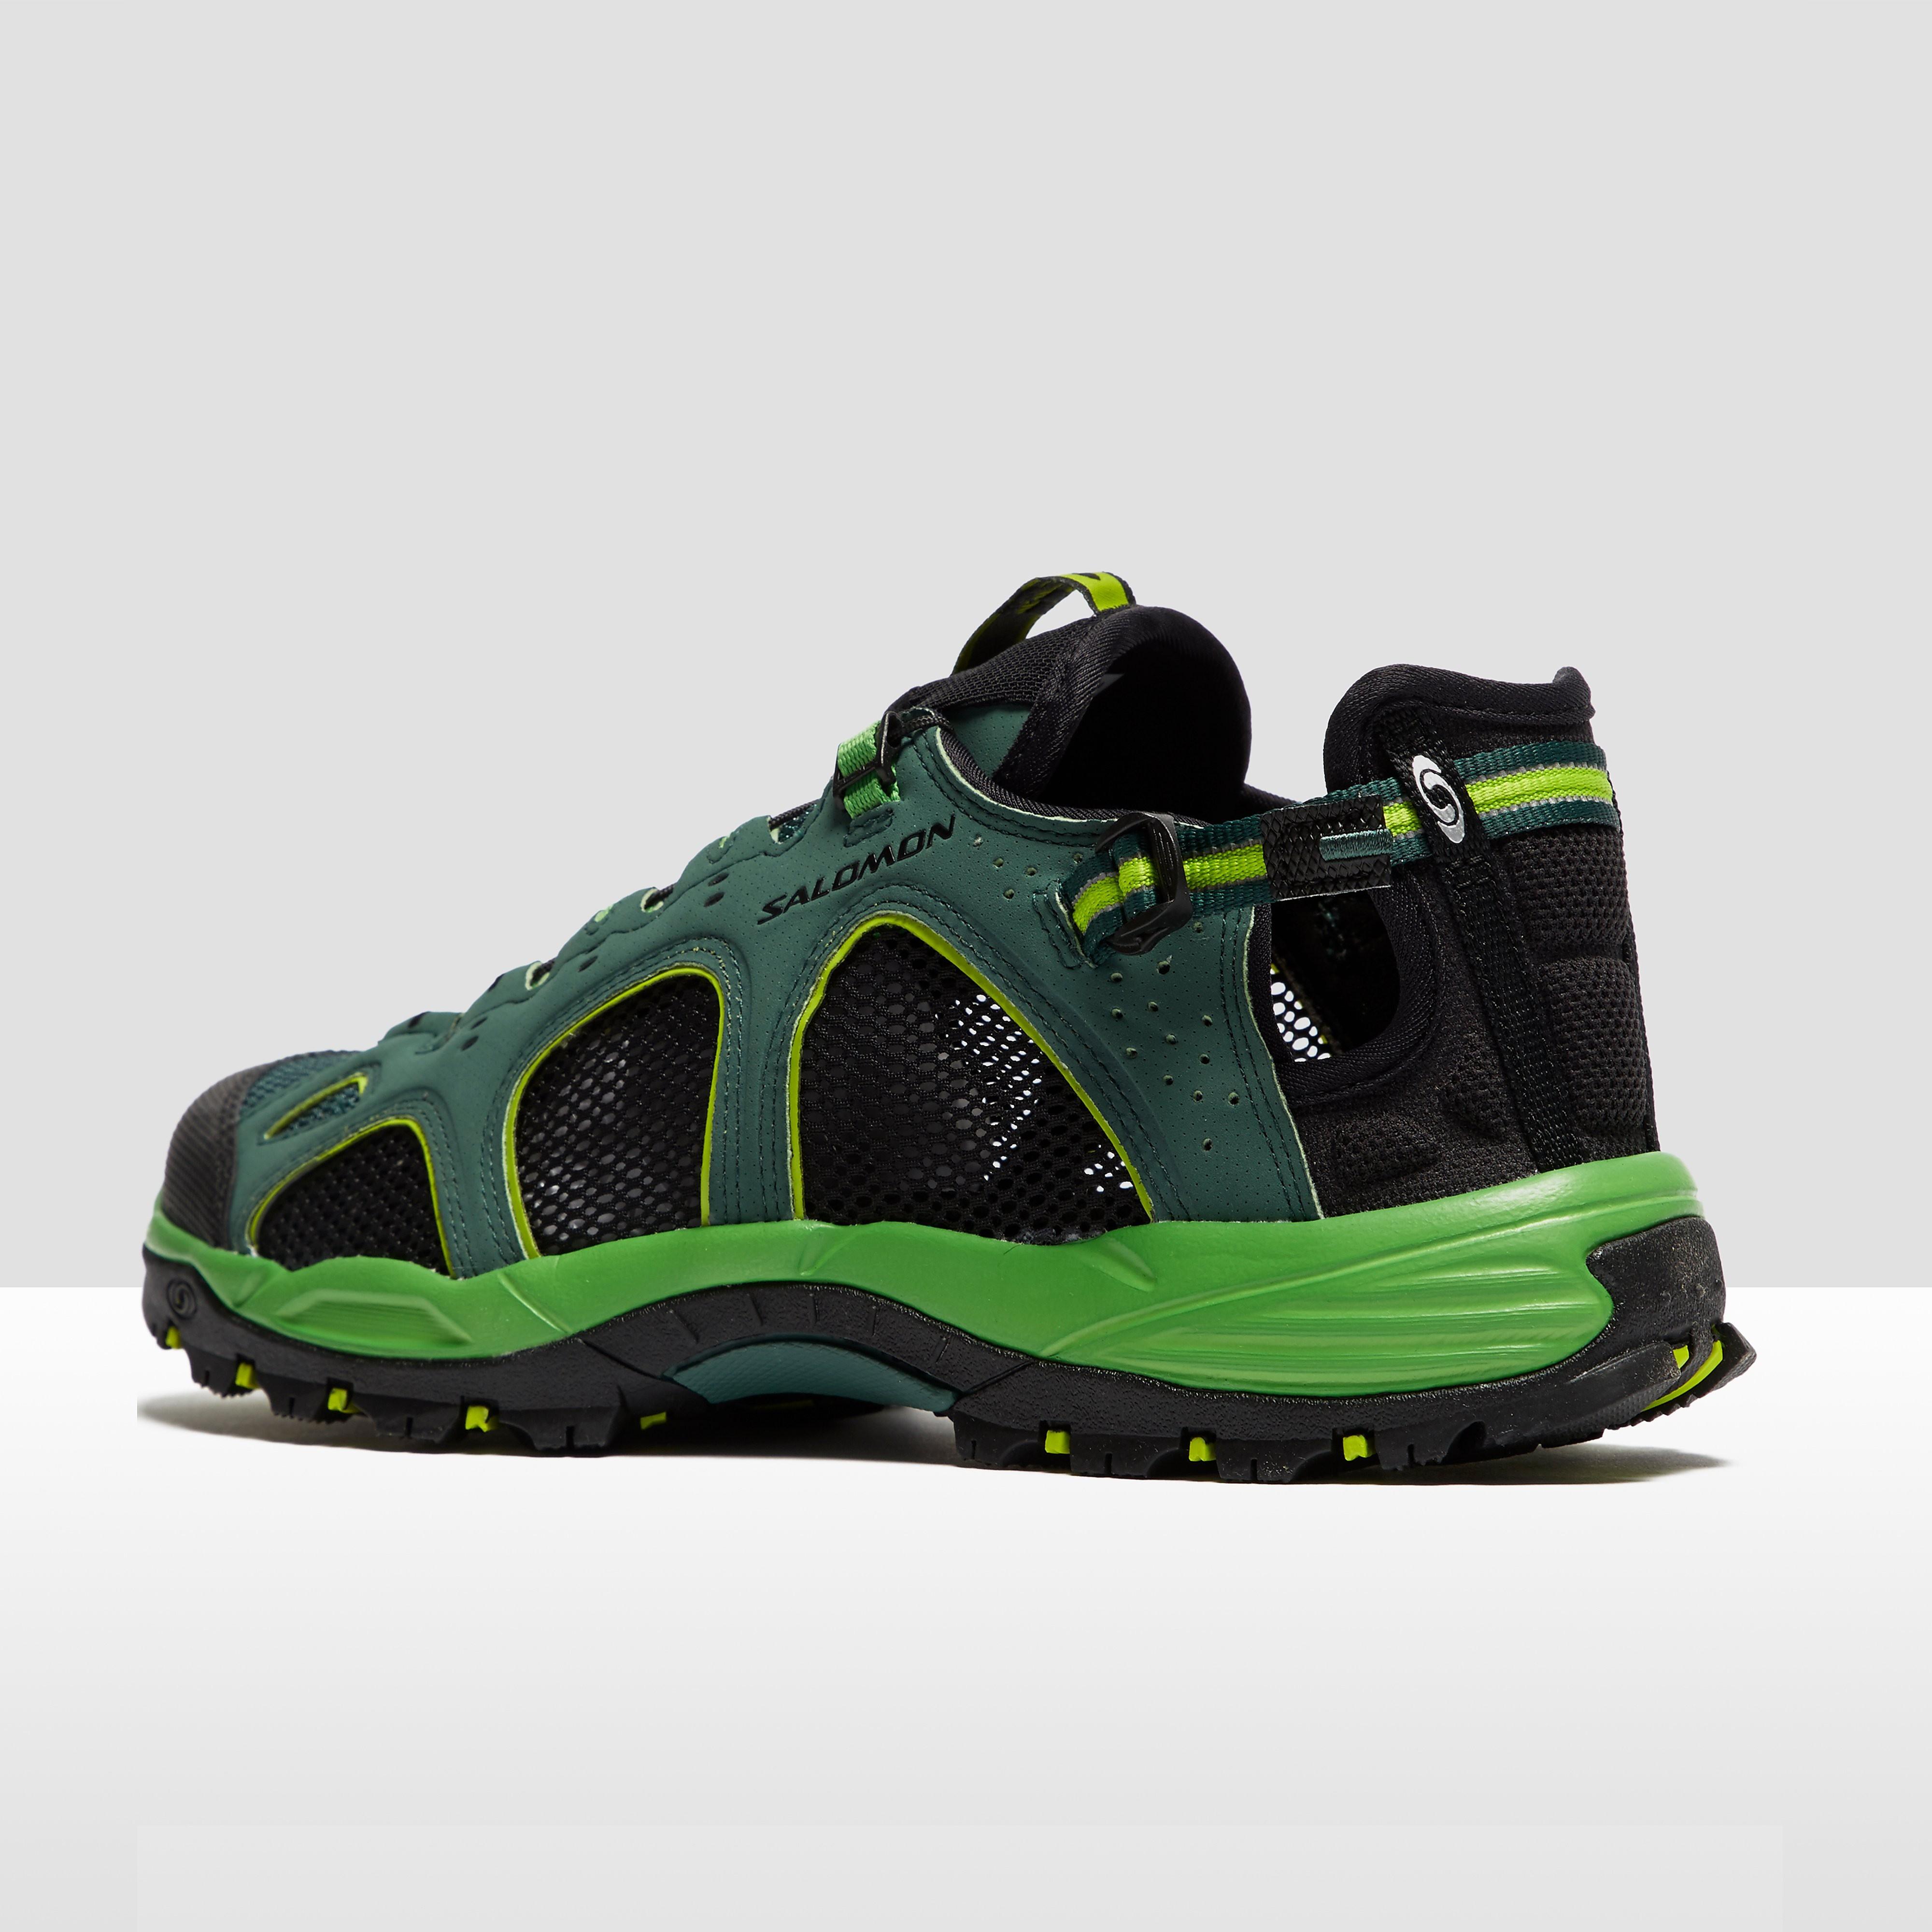 Salomon Techamphibian 3 Men's Water Shedding Shoes